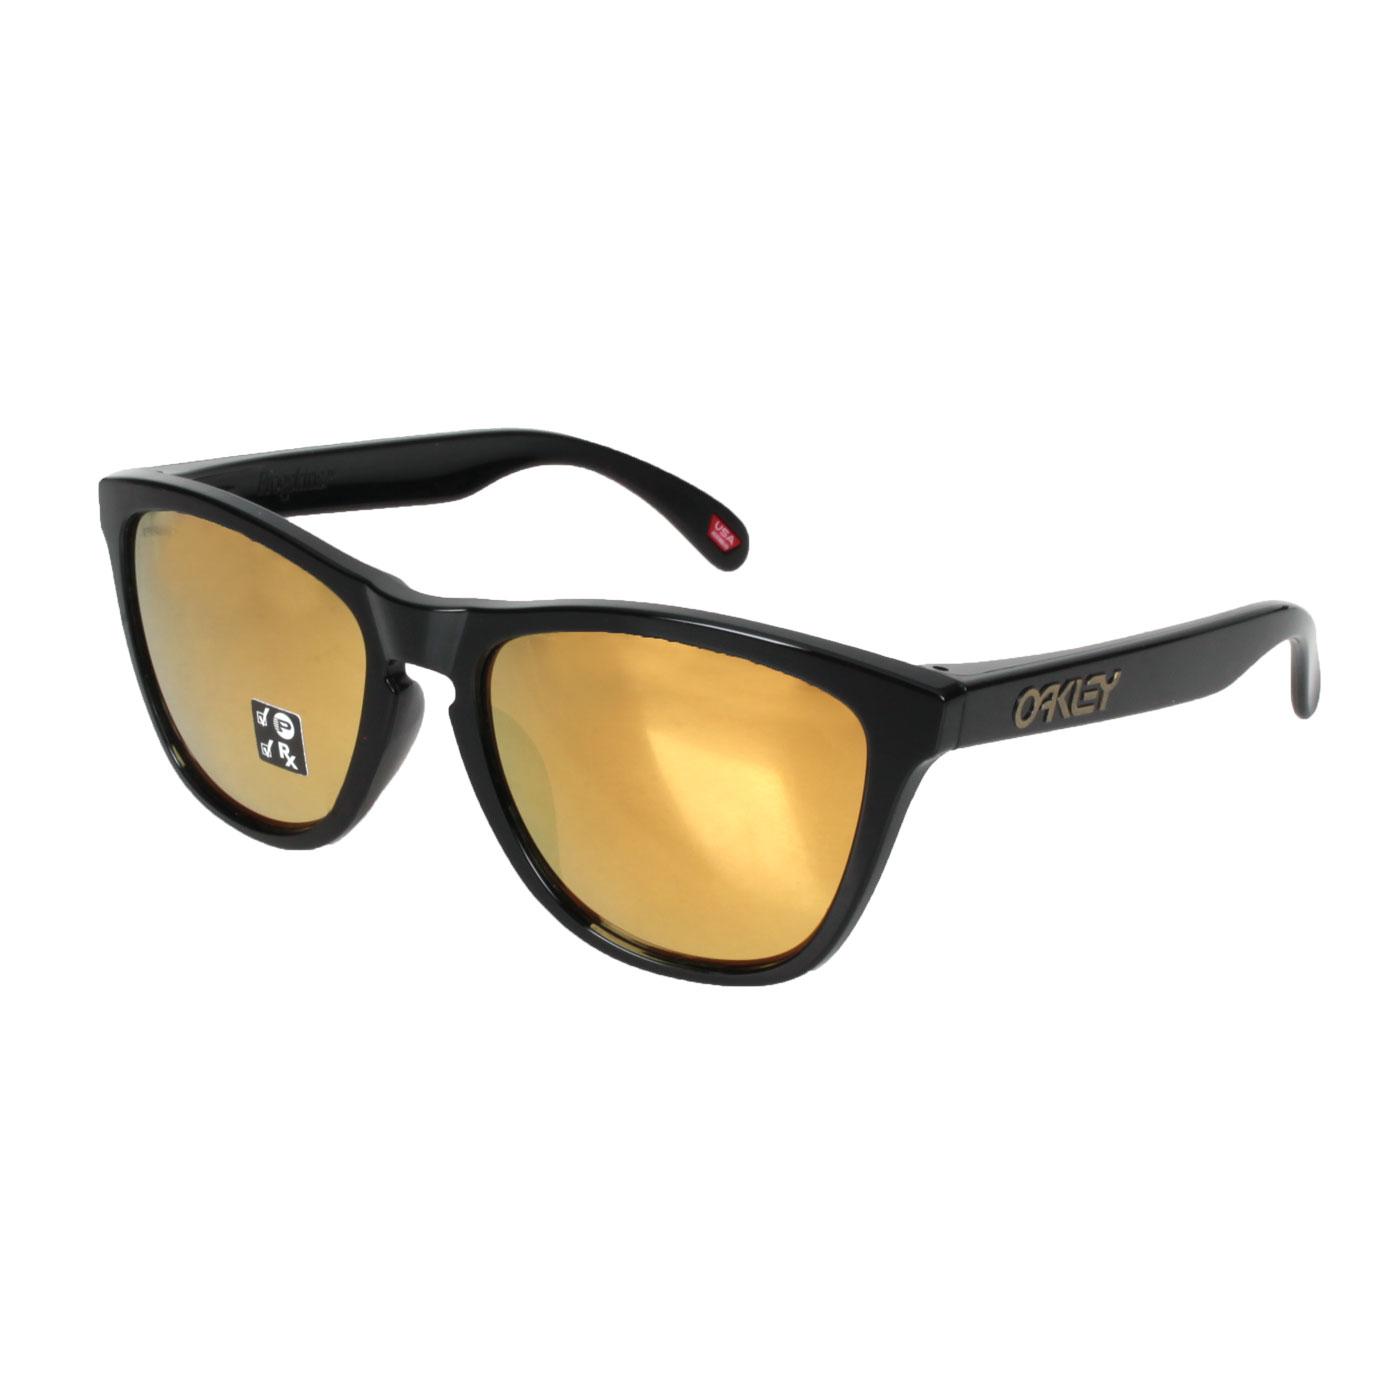 OAKLEY FROGSKINS(A) 偏光太陽眼鏡 OAK-OO9245-C054 - 黑金